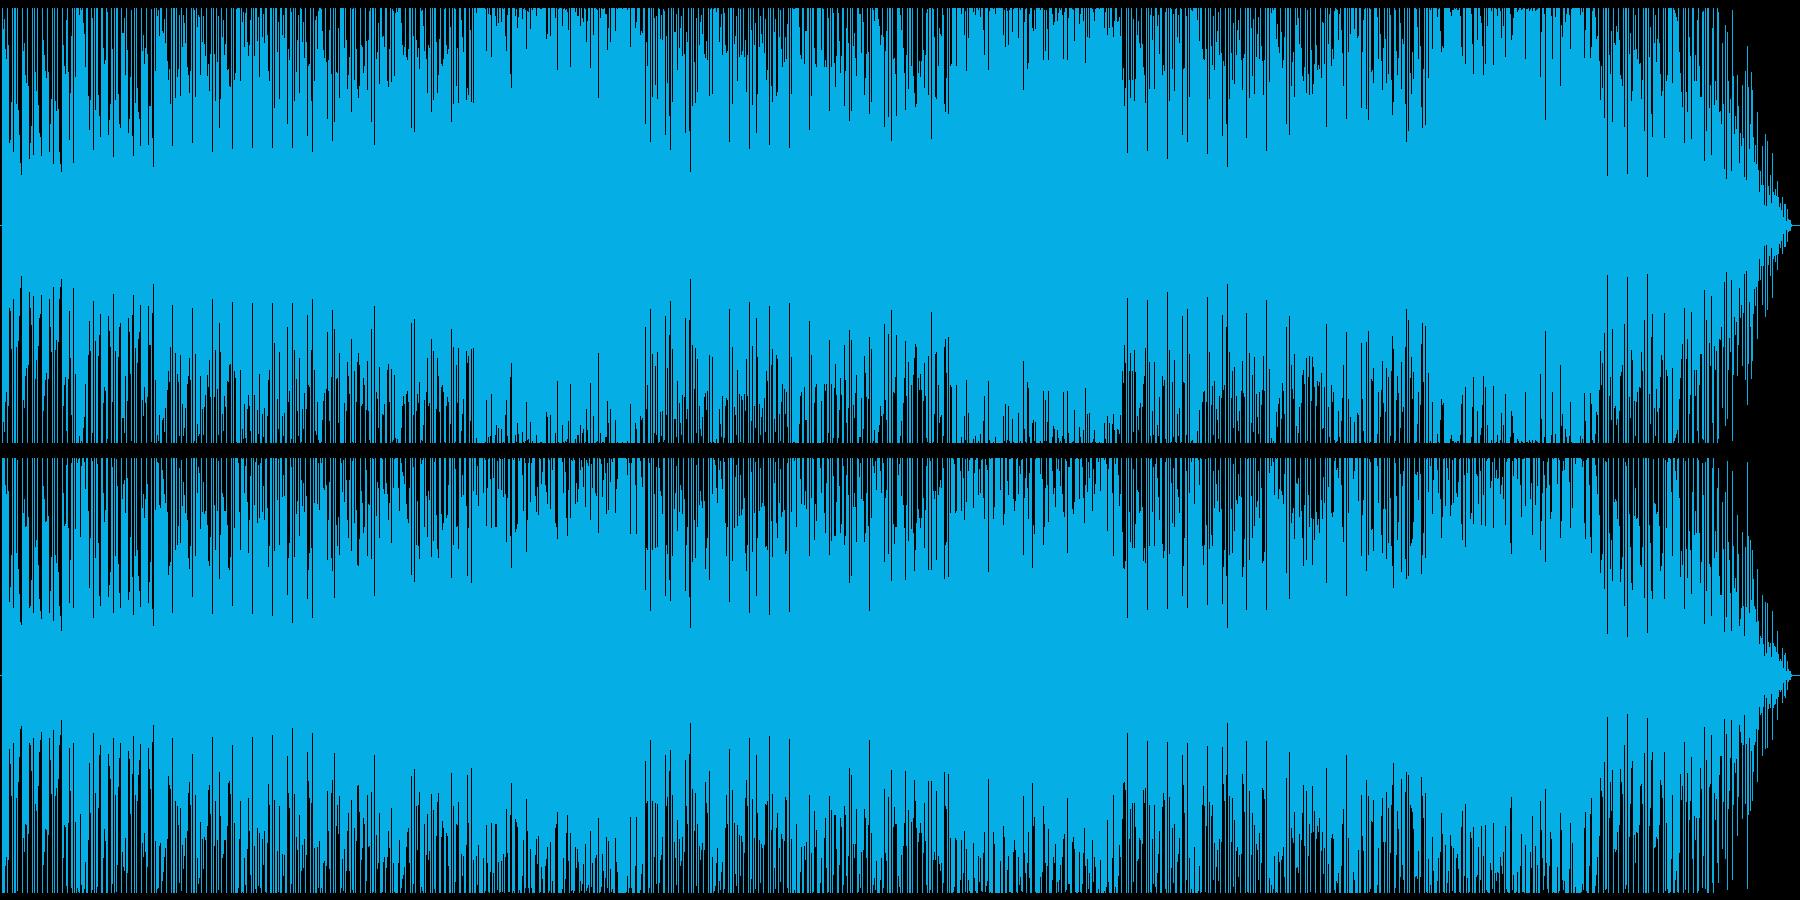 骨太っぽいロックなインスト曲の再生済みの波形